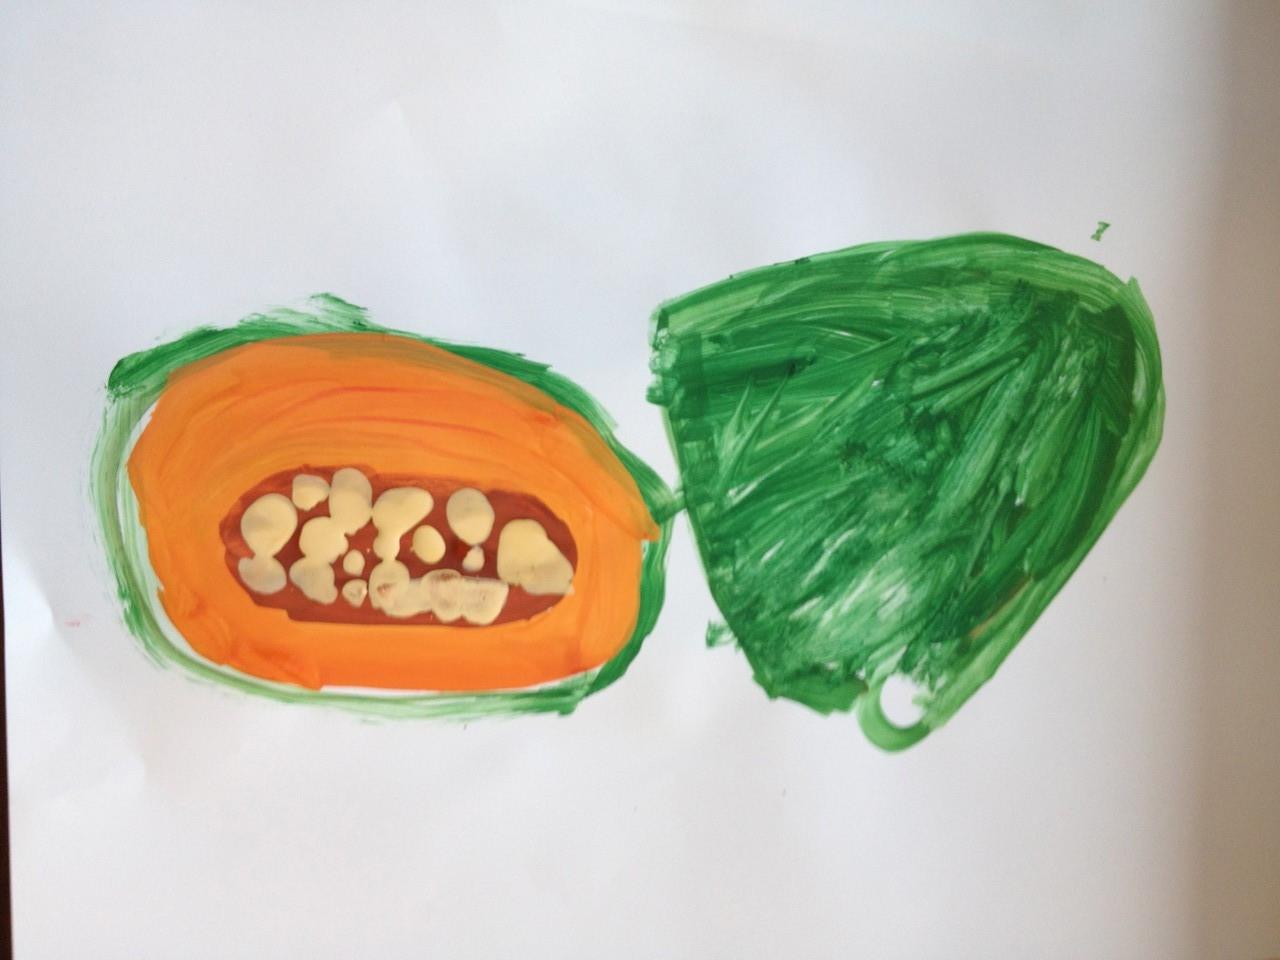 かぼちゃの色合いをよく捉えた作品です